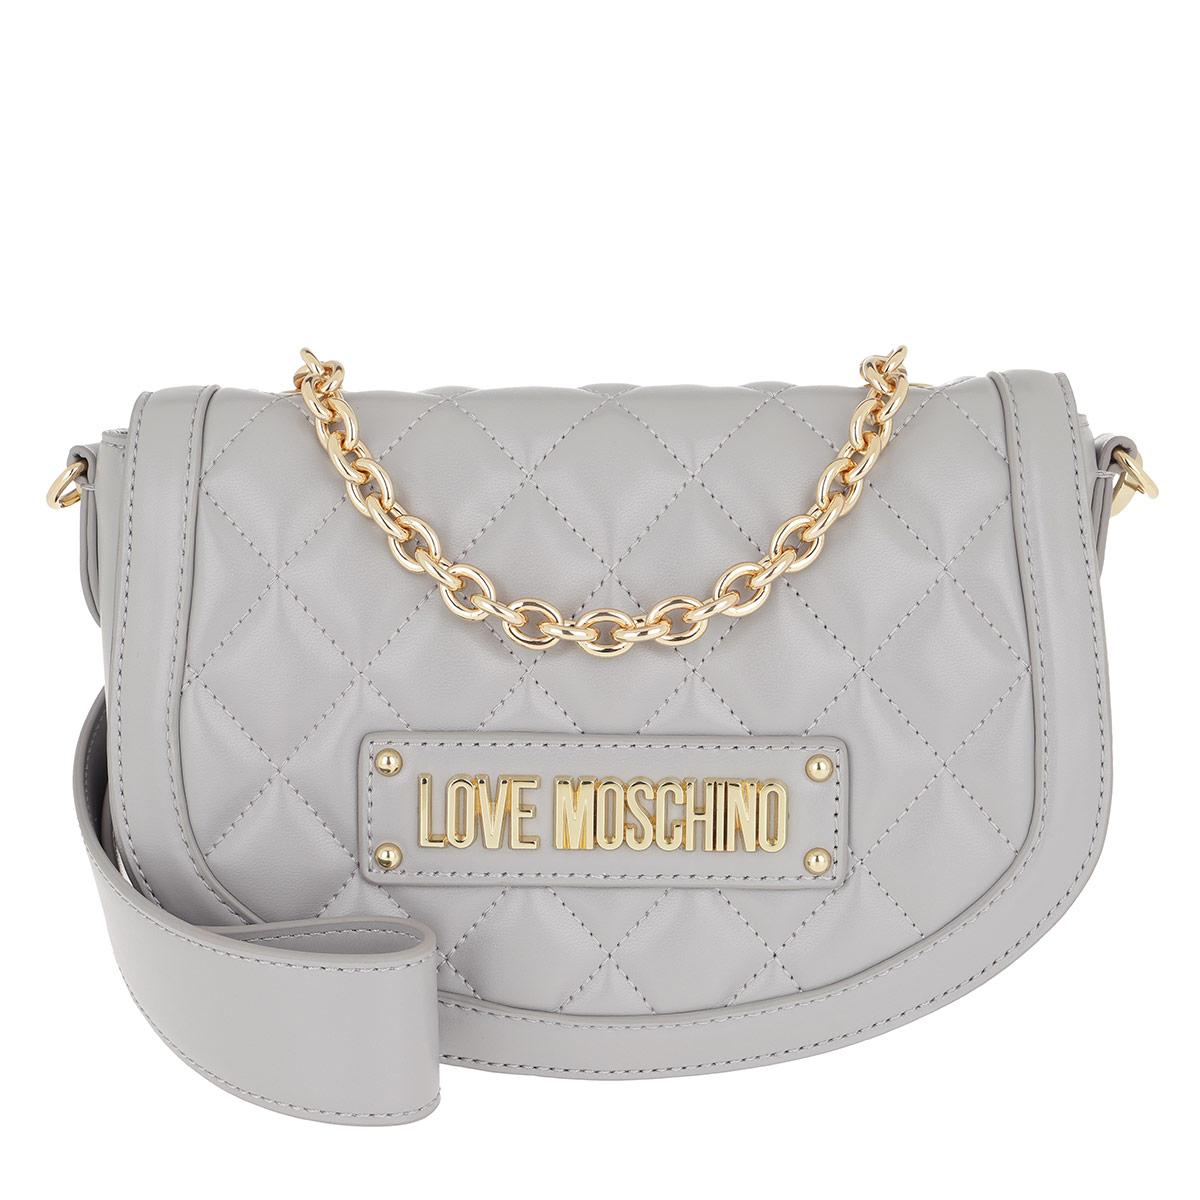 Love Moschino Umhängetasche - Quilted Crossbody Bag Grey - in grau - für Damen